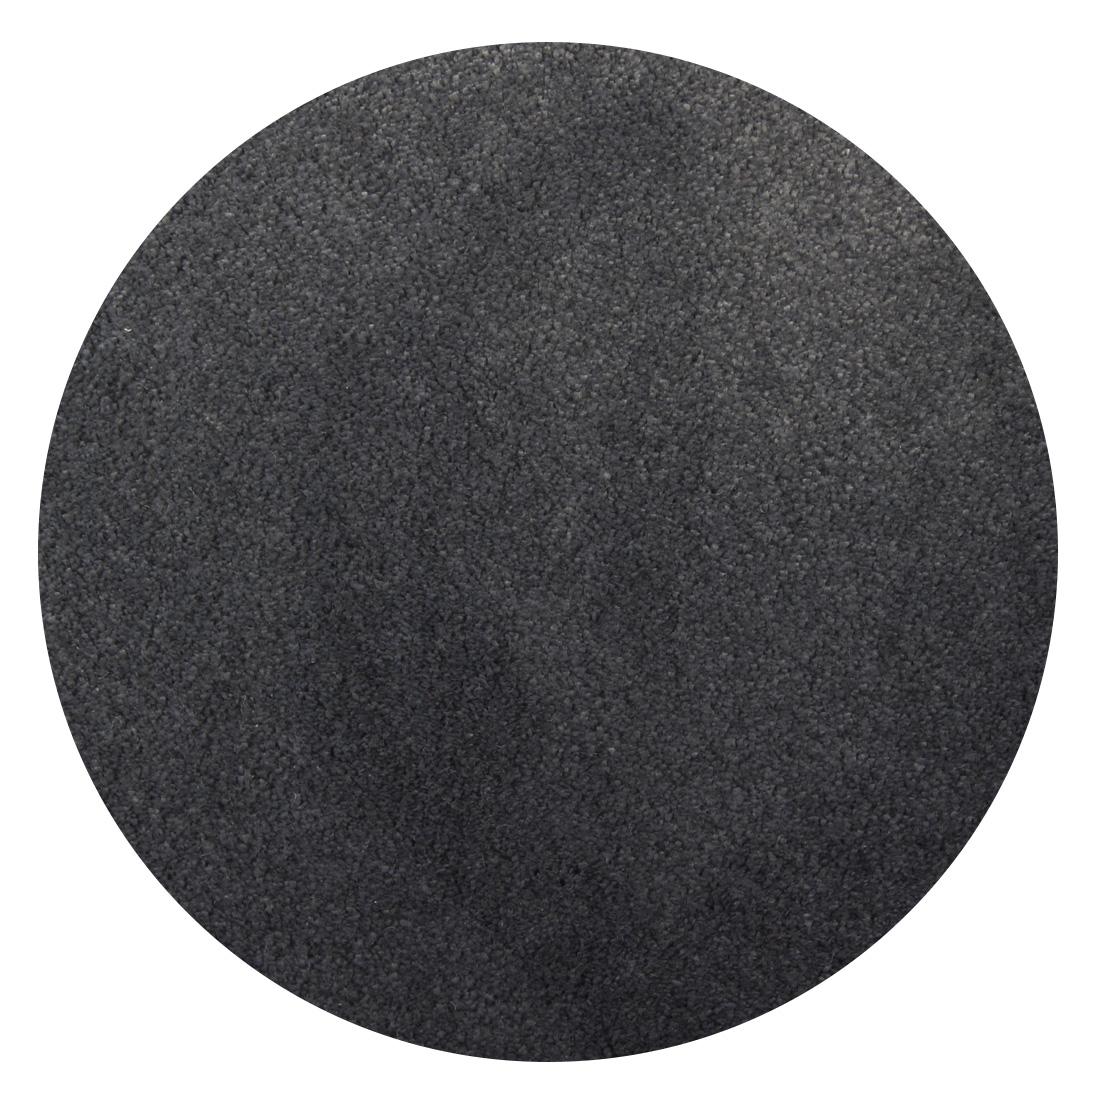 Rond Vloerkleed Xilento Touch Iron (extra zacht)